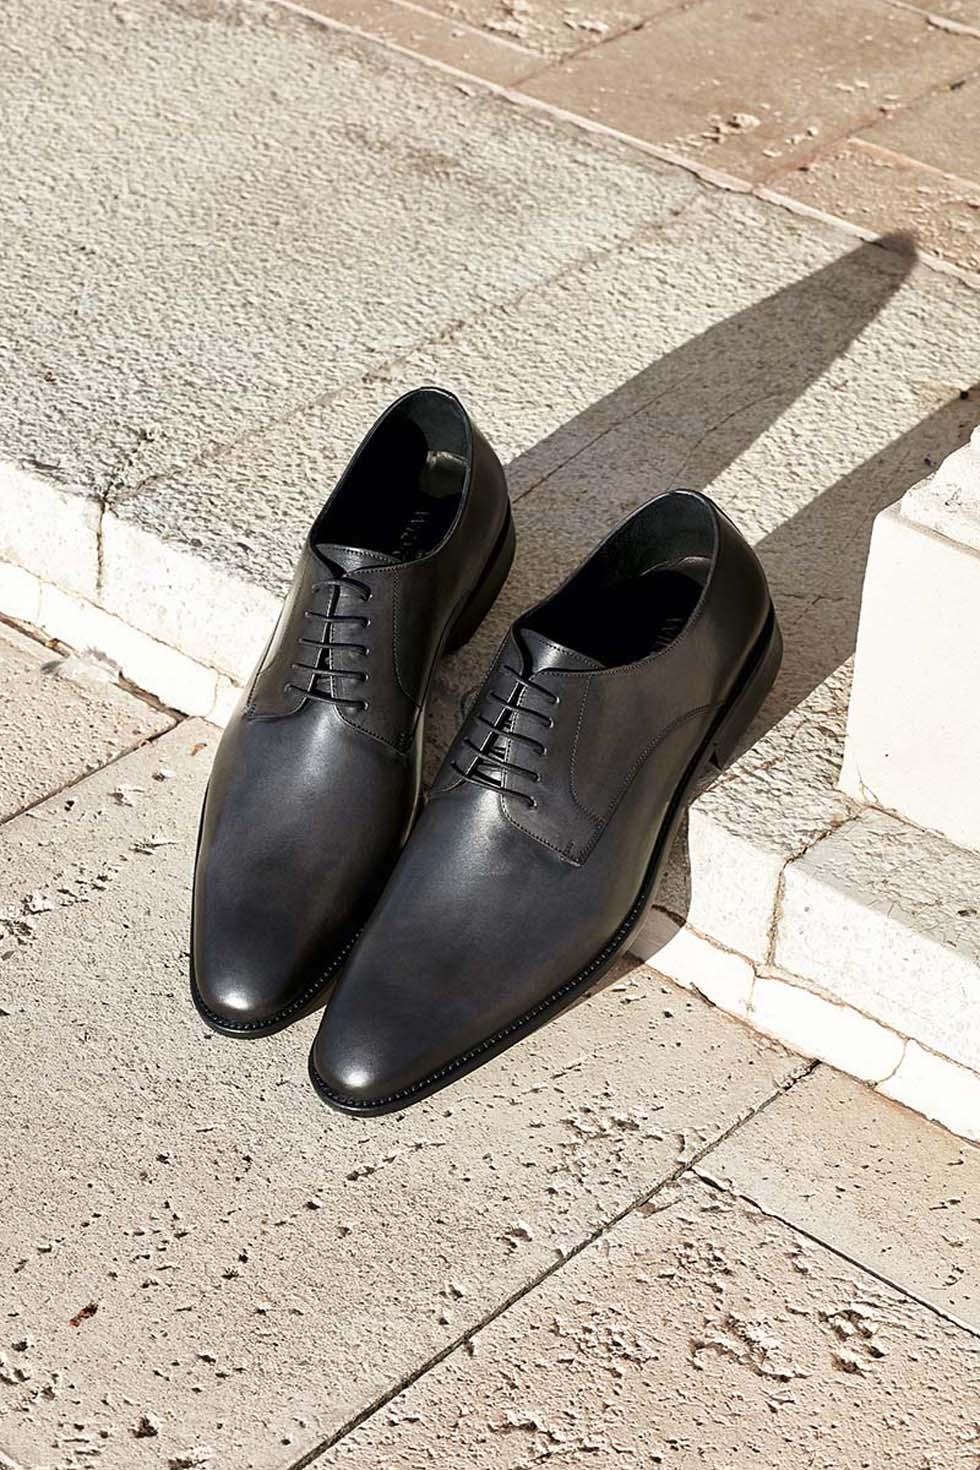 Schuhe von Wilvorst